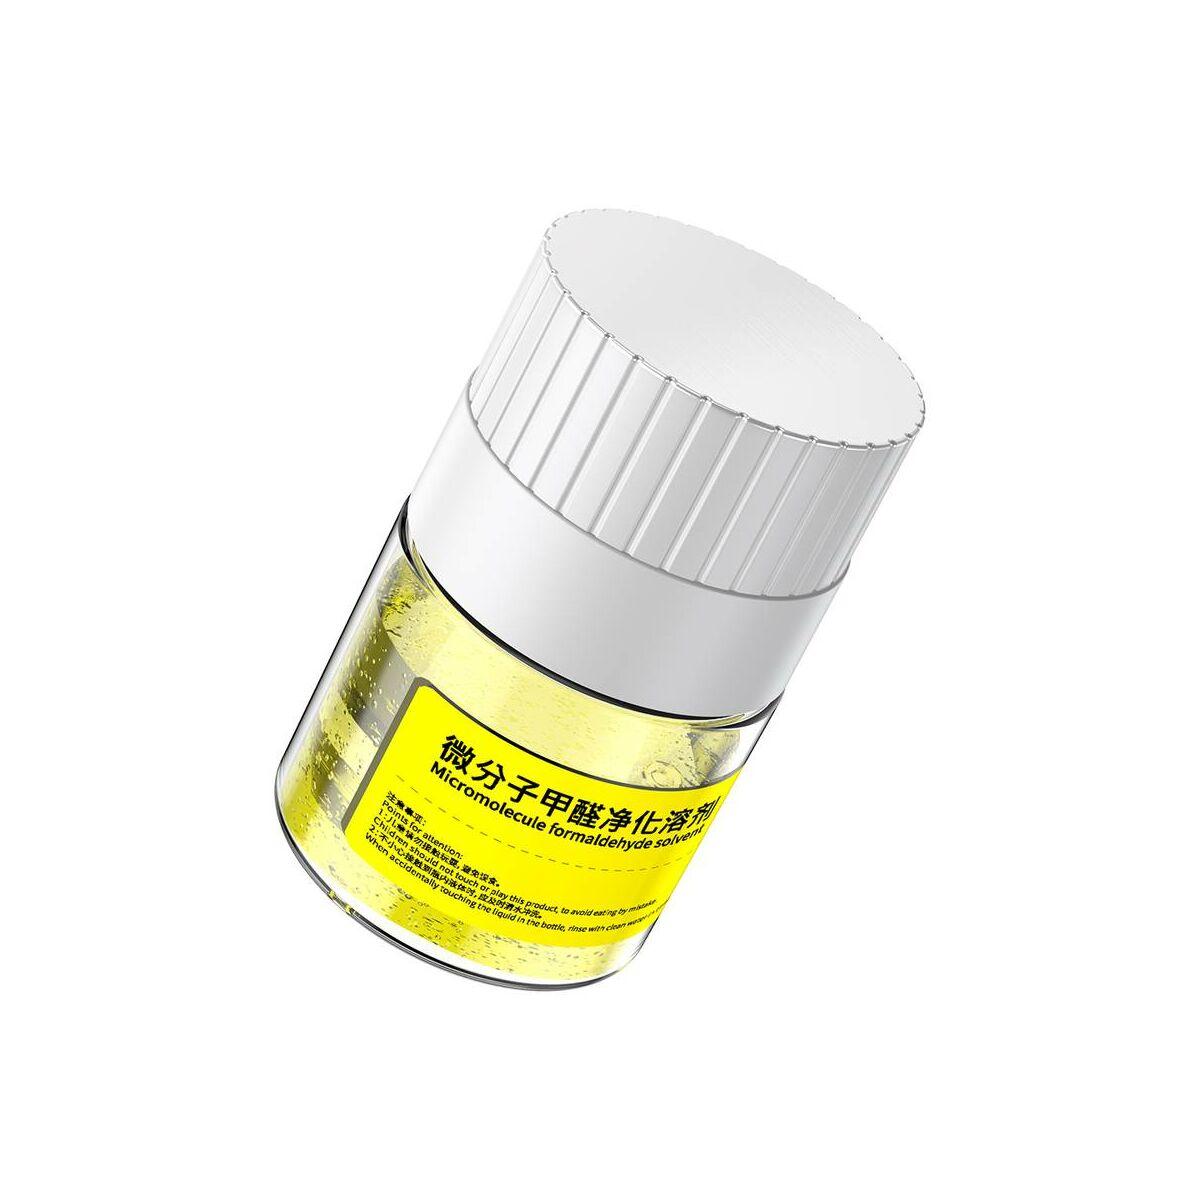 Baseus otthon, Mikromolekuláris formaldelhid oldószer (ACJHJ-A)